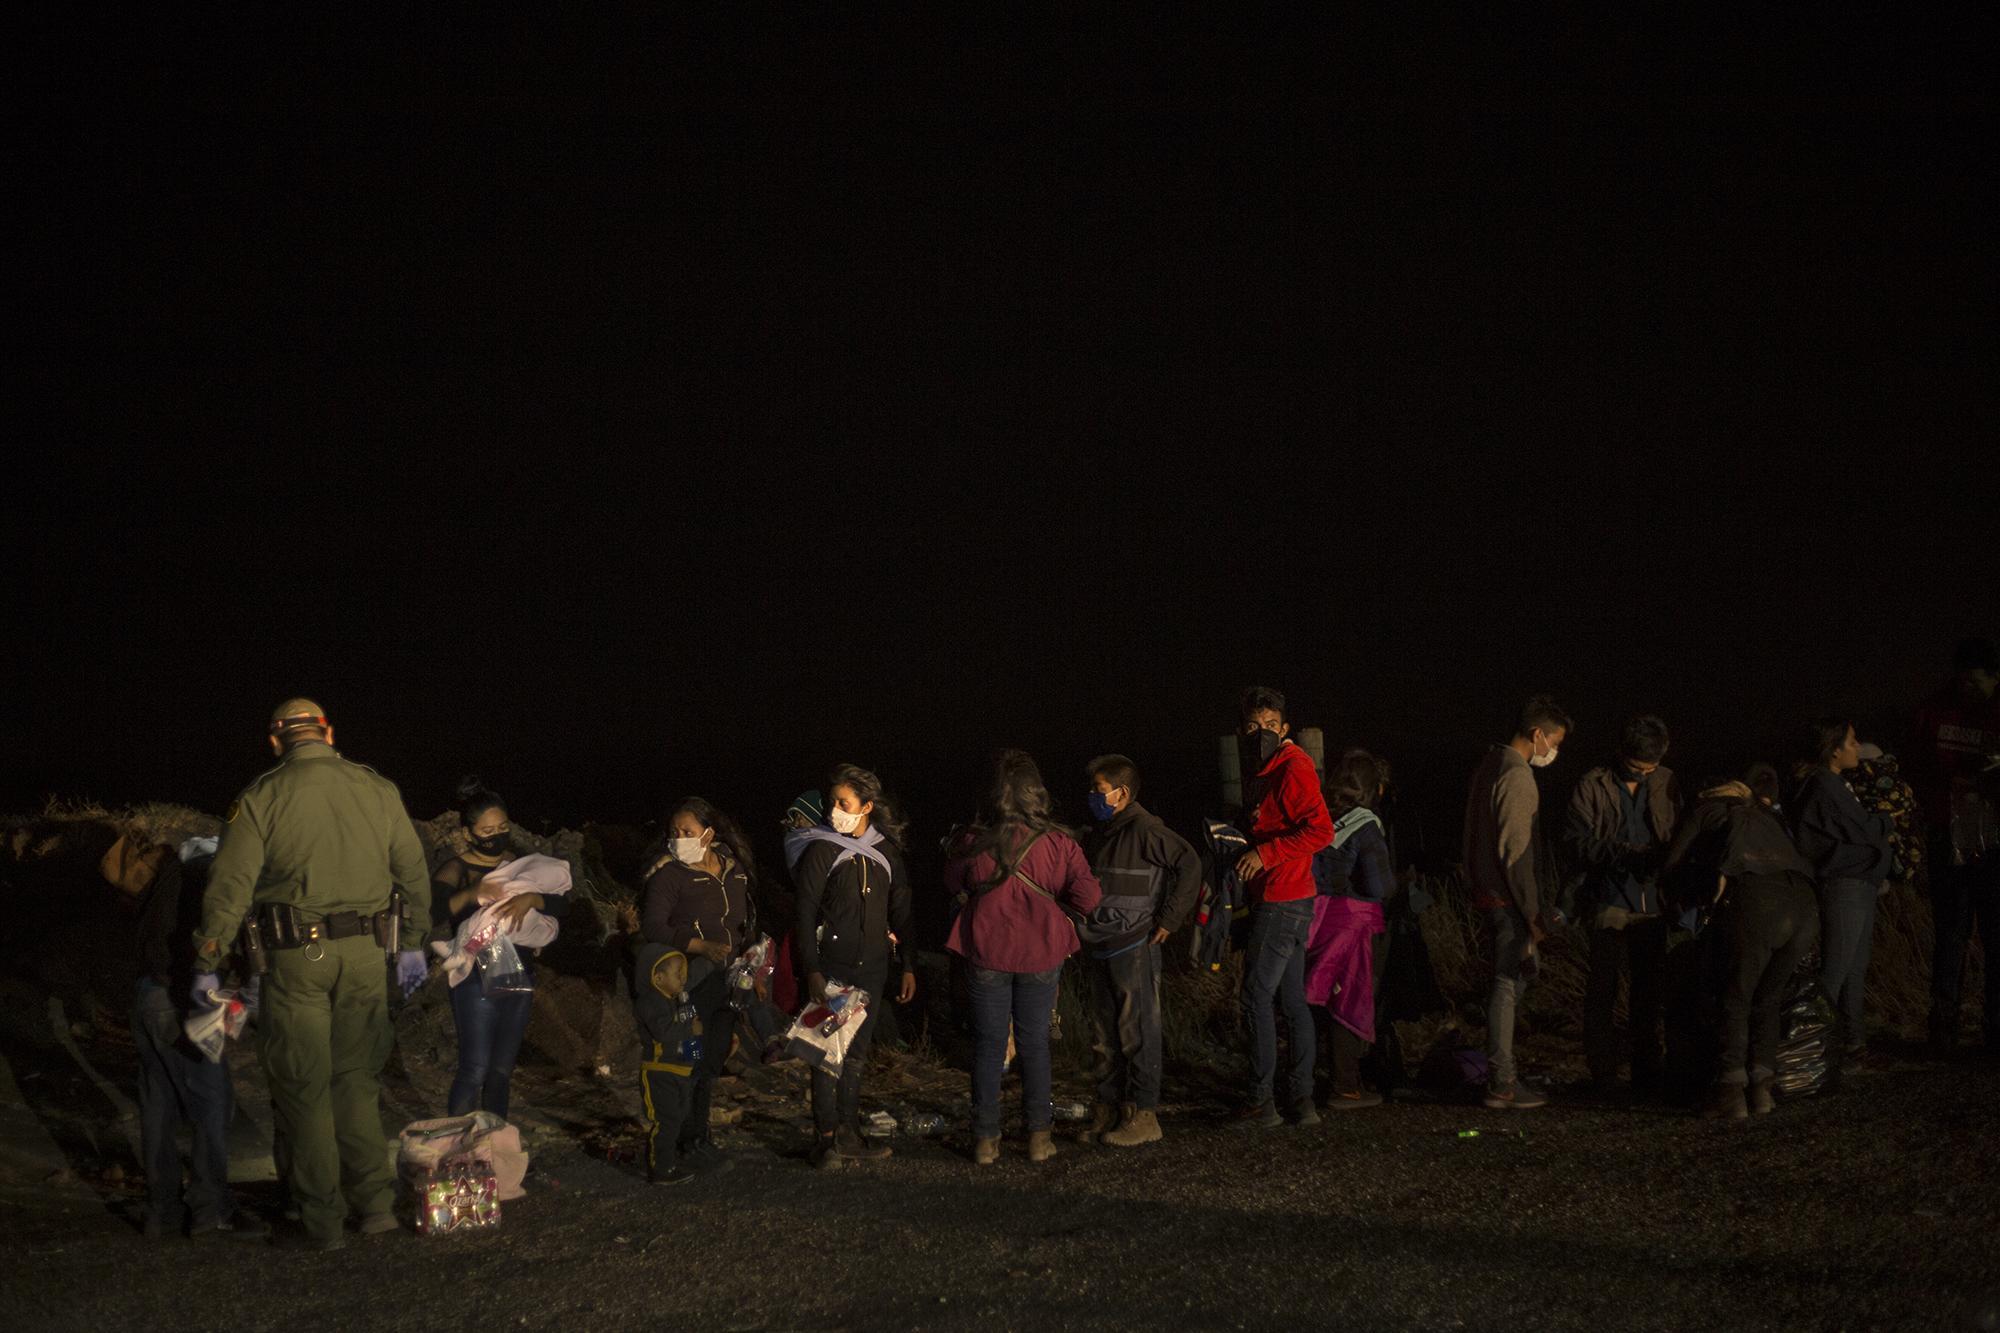 En la noche en Roma, no hubo imágenes de gente corriendo en territorio estadounidense, intentando evadir a las autoridades. Grupos de cinco, diez, hasta 20 personas, llegan por veredas hasta este punto para entregarse a la Patrulla Fronteriza. Buscan pedir asilo. Los agentes solo esperan cada noche la llegada de los centroamericanos.